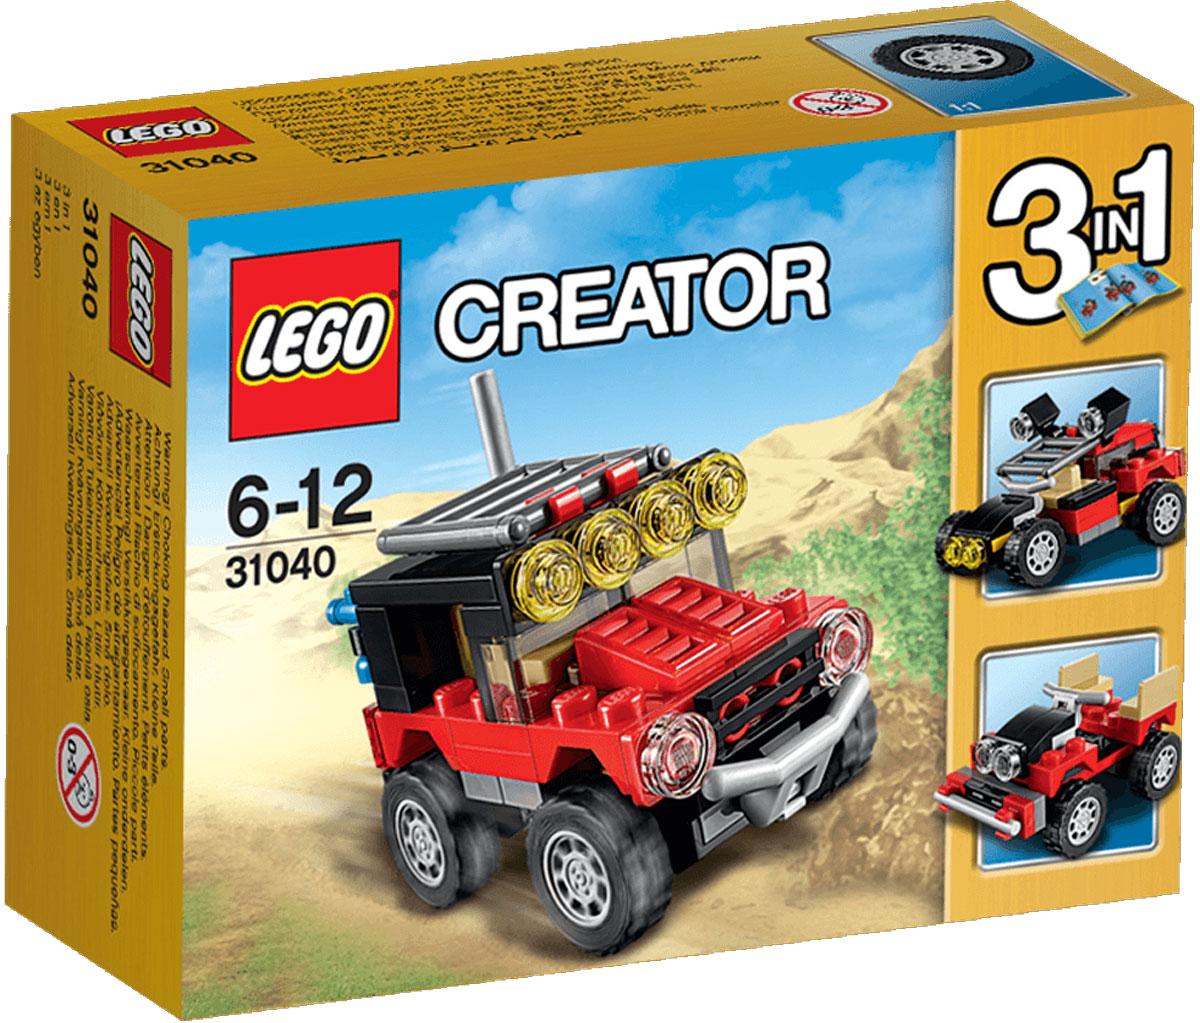 LEGO Creator Конструктор Гонки в пустыне 3104031040Отправляйтесь в увлекательное путешествие в пустыню на суровом внедорожнике, раскрашенном в крутые цвета: красный, черный и коричневый, и оснащенном желтыми маячками предупреждения, антенной, дополнительным бампером, каркасом безопасности и большими шинами с глубоким протектором. Забирайтесь в кабину и испытайте этот мощный автомобиль! Когда будете готовы к очередной задаче, перестройте его в удивительный багги для езды по песку или в мощный полноприводный автомобиль. Набор включает в себя 65 разноцветных пластиковых элементов. Конструктор - это один из самых увлекательных и веселых способов времяпрепровождения. Ребенок сможет часами играть с конструктором, придумывая различные ситуации и истории.